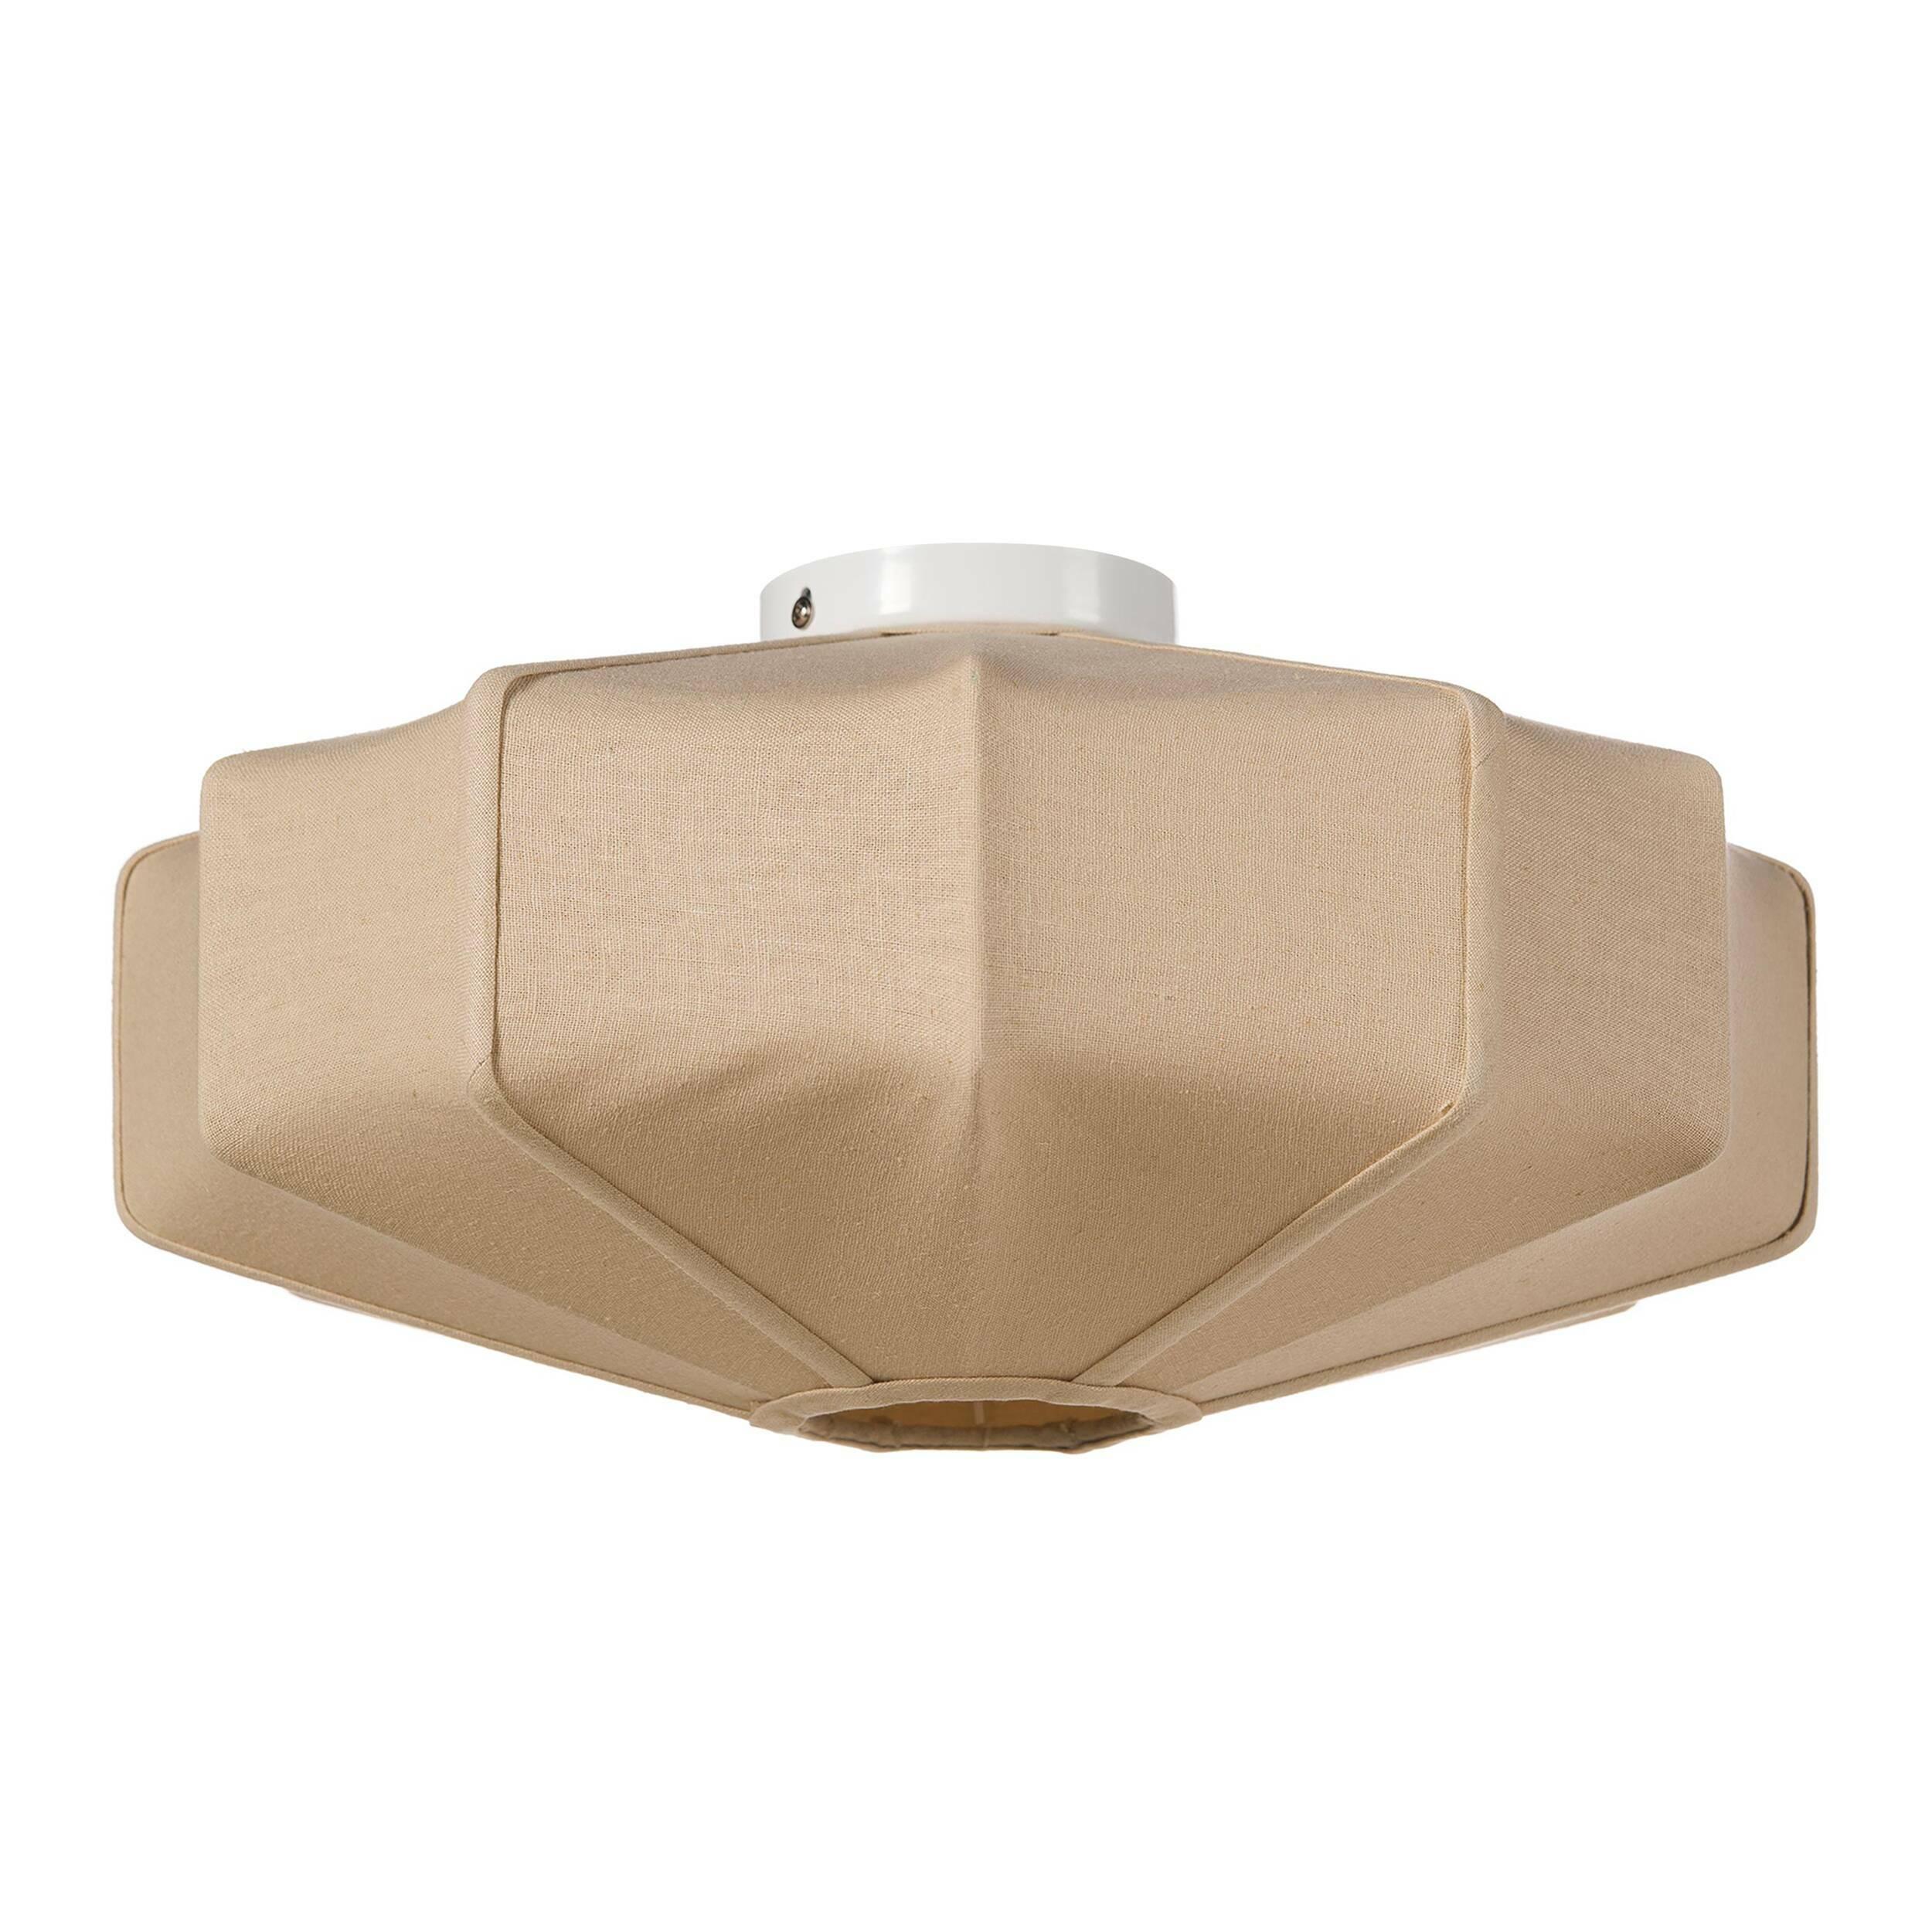 Потолочный светильник C6668SПотолочные<br><br><br>stock: 10<br>Высота: 22<br>Ширина: 40<br>Длина: 40<br>Материал абажура: Ткань<br>Материал арматуры: Металл<br>Ламп в комплекте: Нет<br>Напряжение: 220<br>Тип лампы/цоколь: E27<br>Цвет абажура: Белый